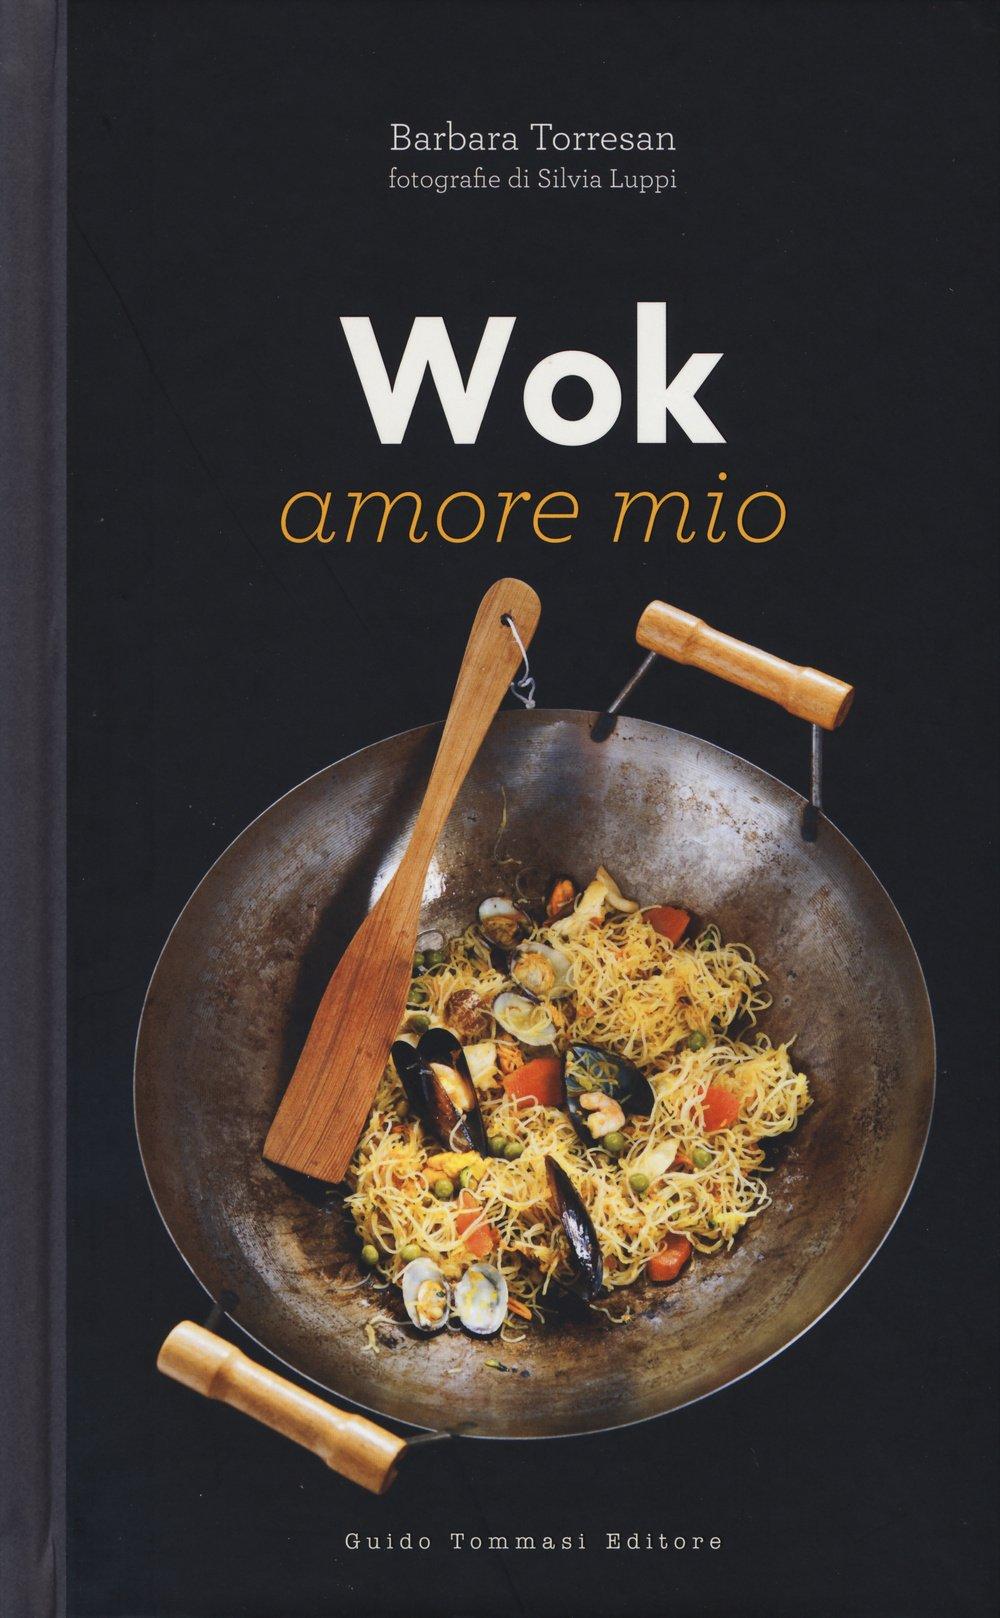 Ricette cucina amore mio